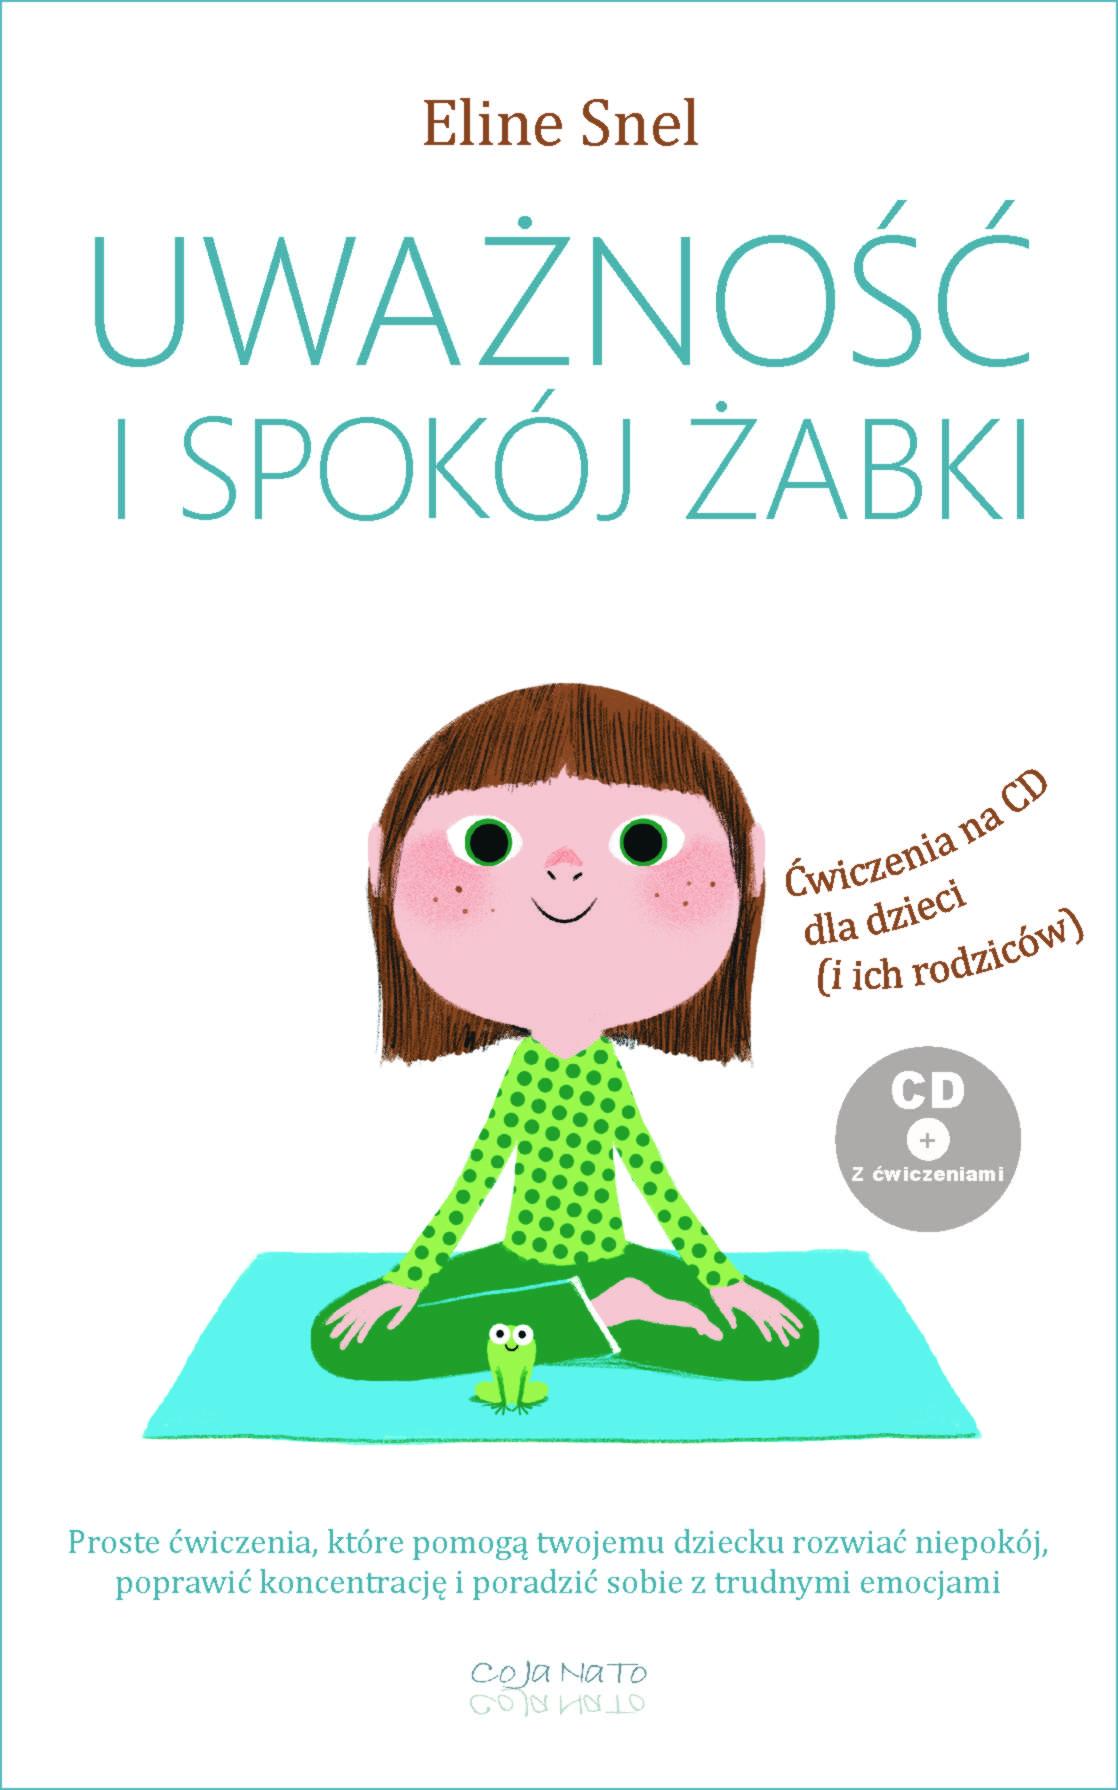 Uważność i spokój żabki Book Cover